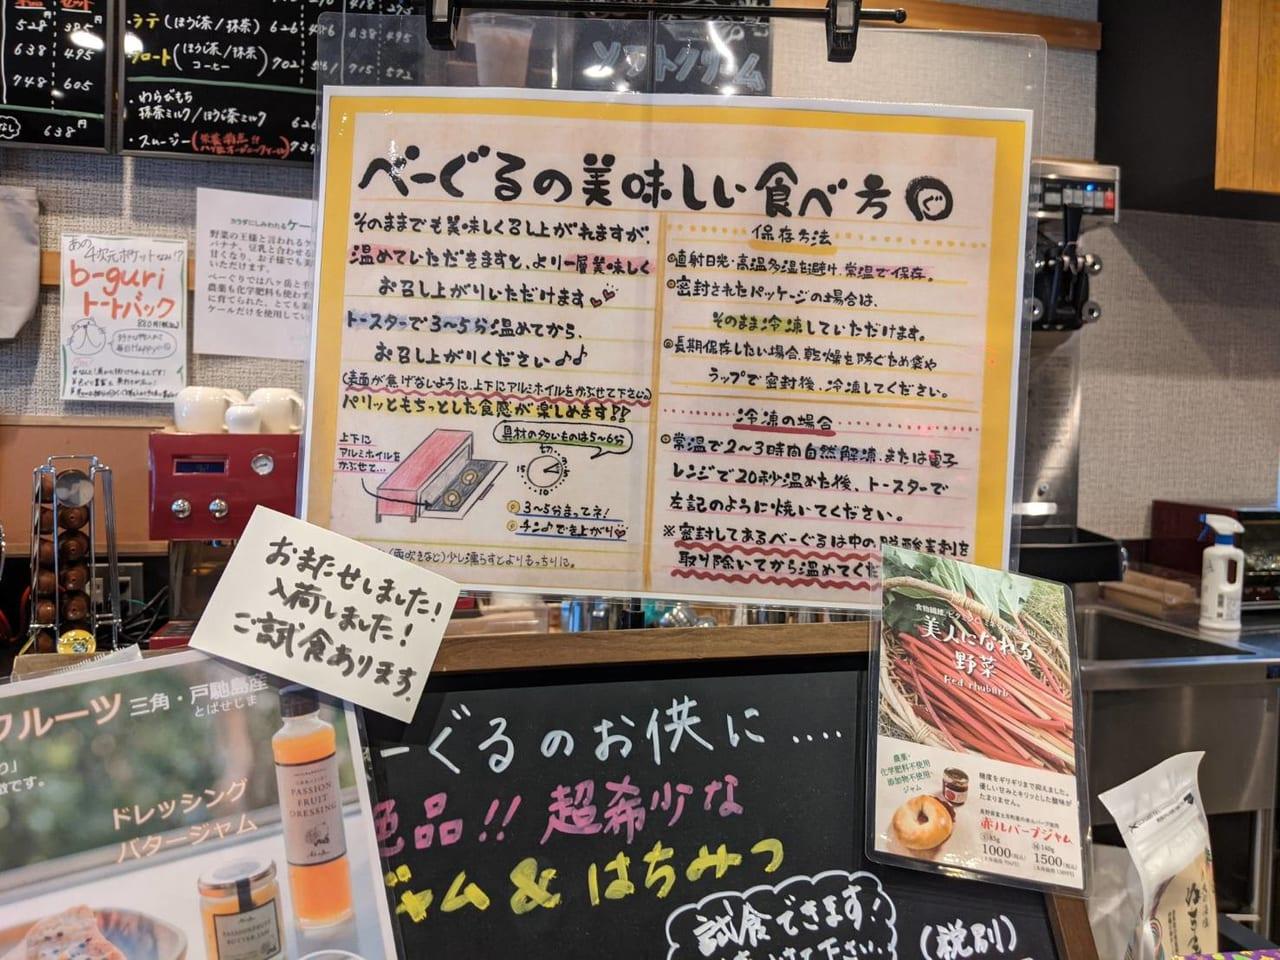 べーぐり「東京べーぐる」美味しい食べ方の紙